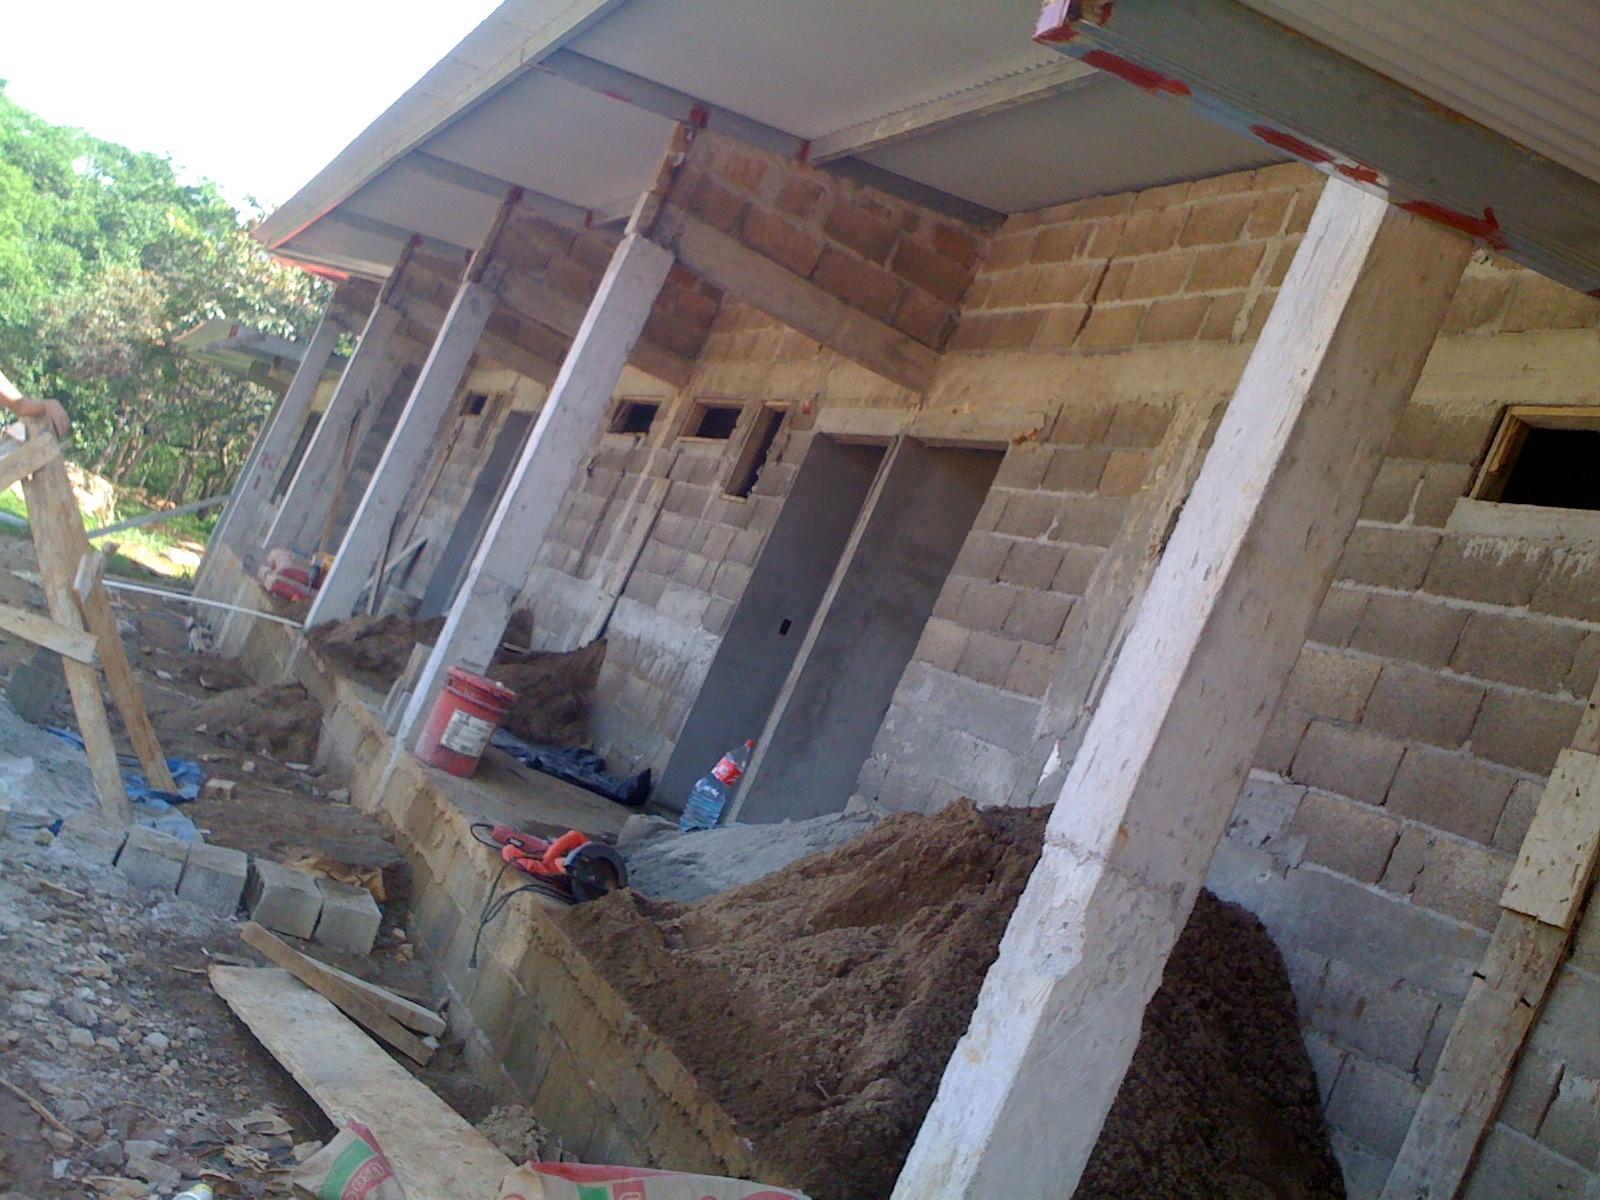 Construction Santa Fe, Panama June